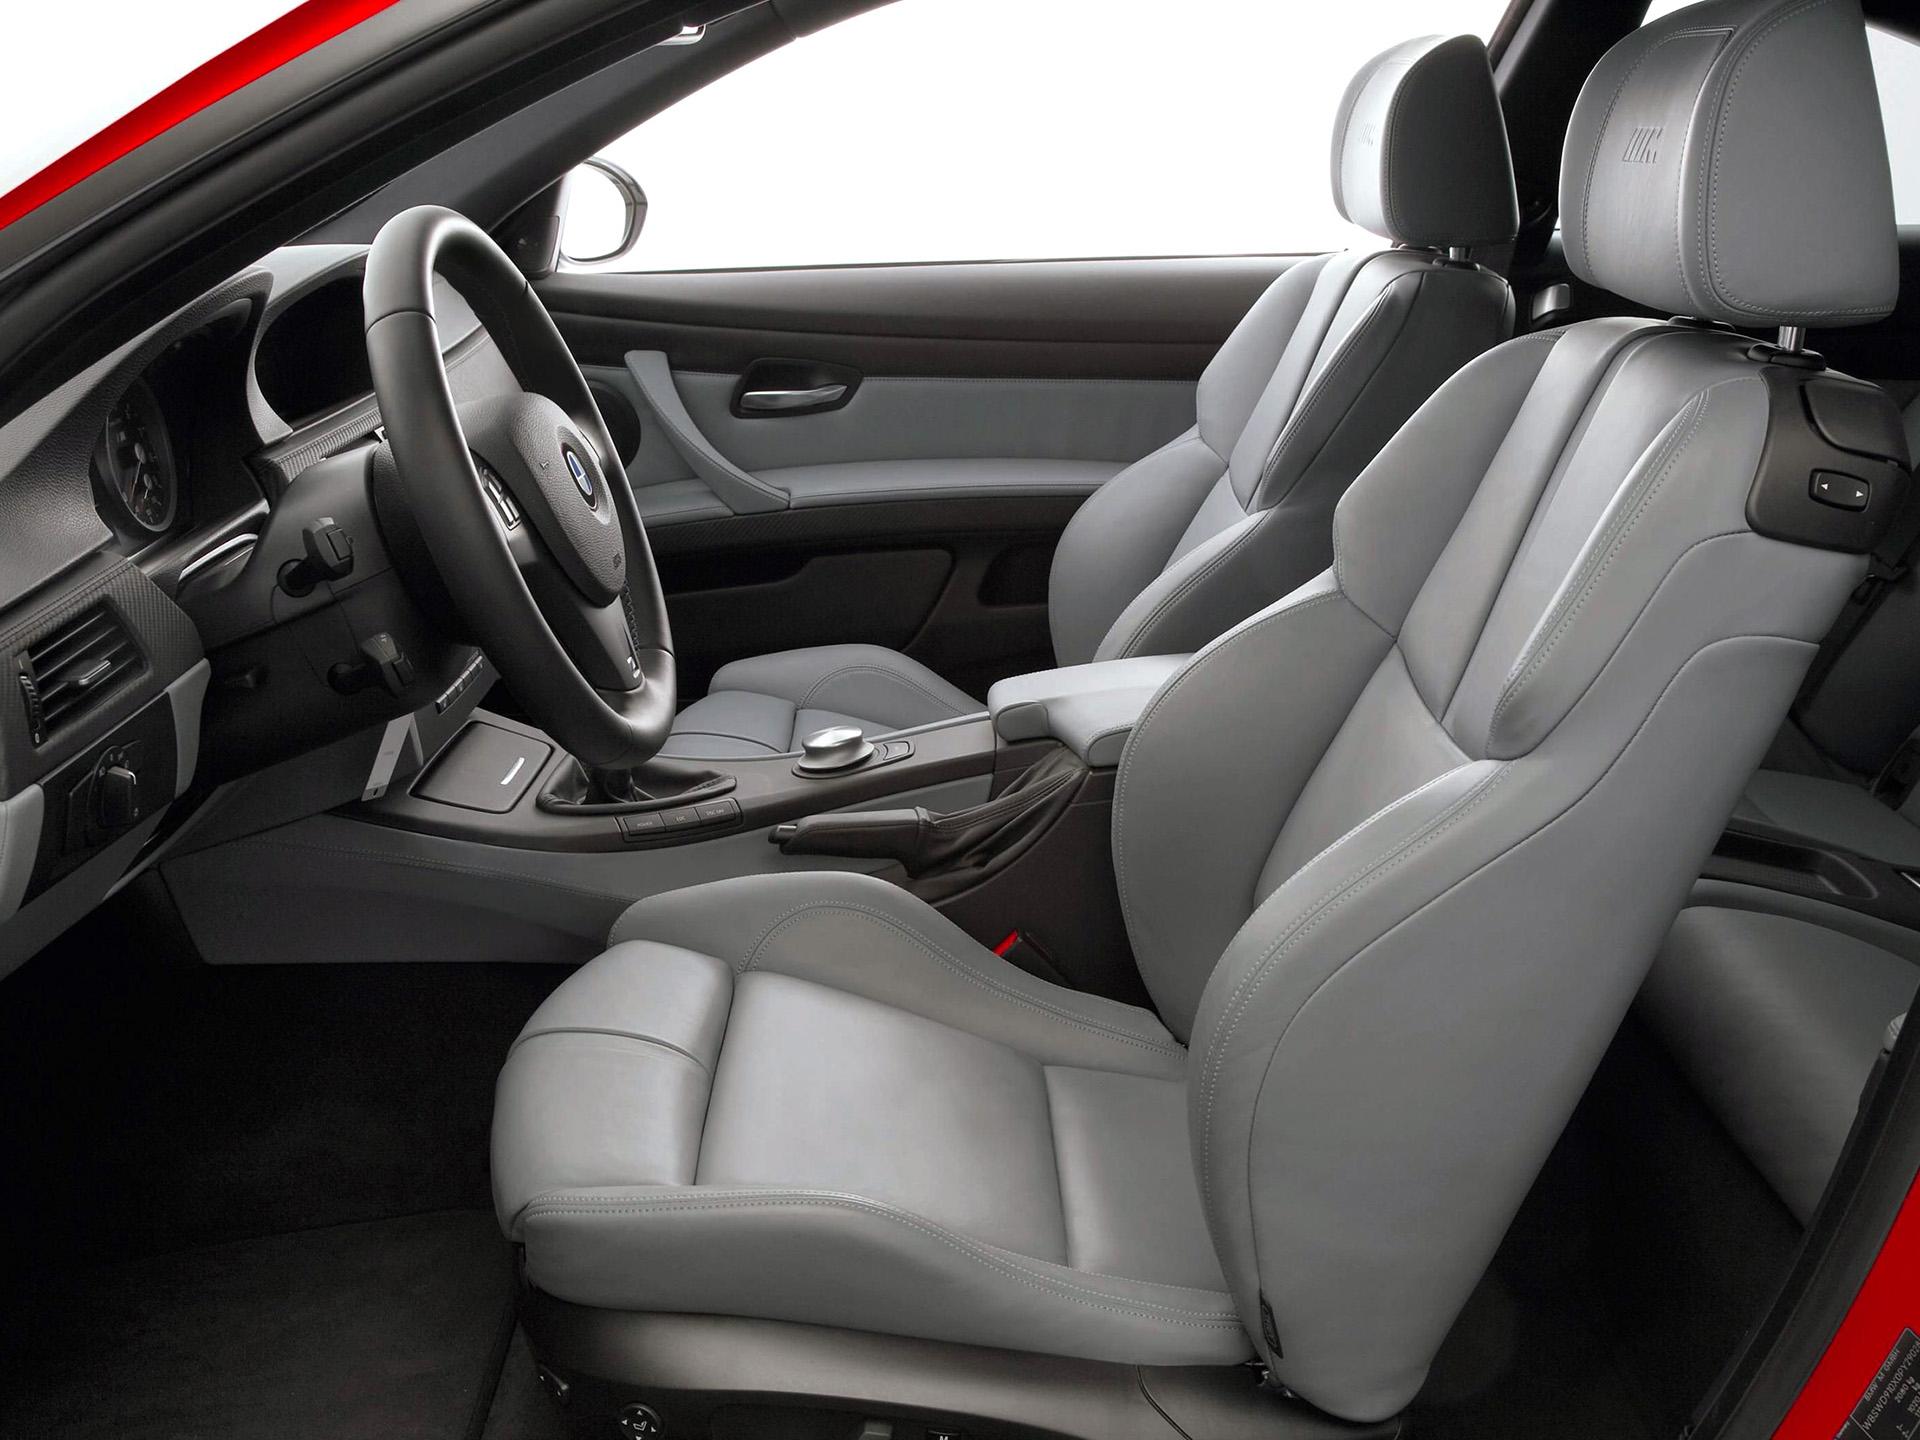 BMW E90 M3 interior_